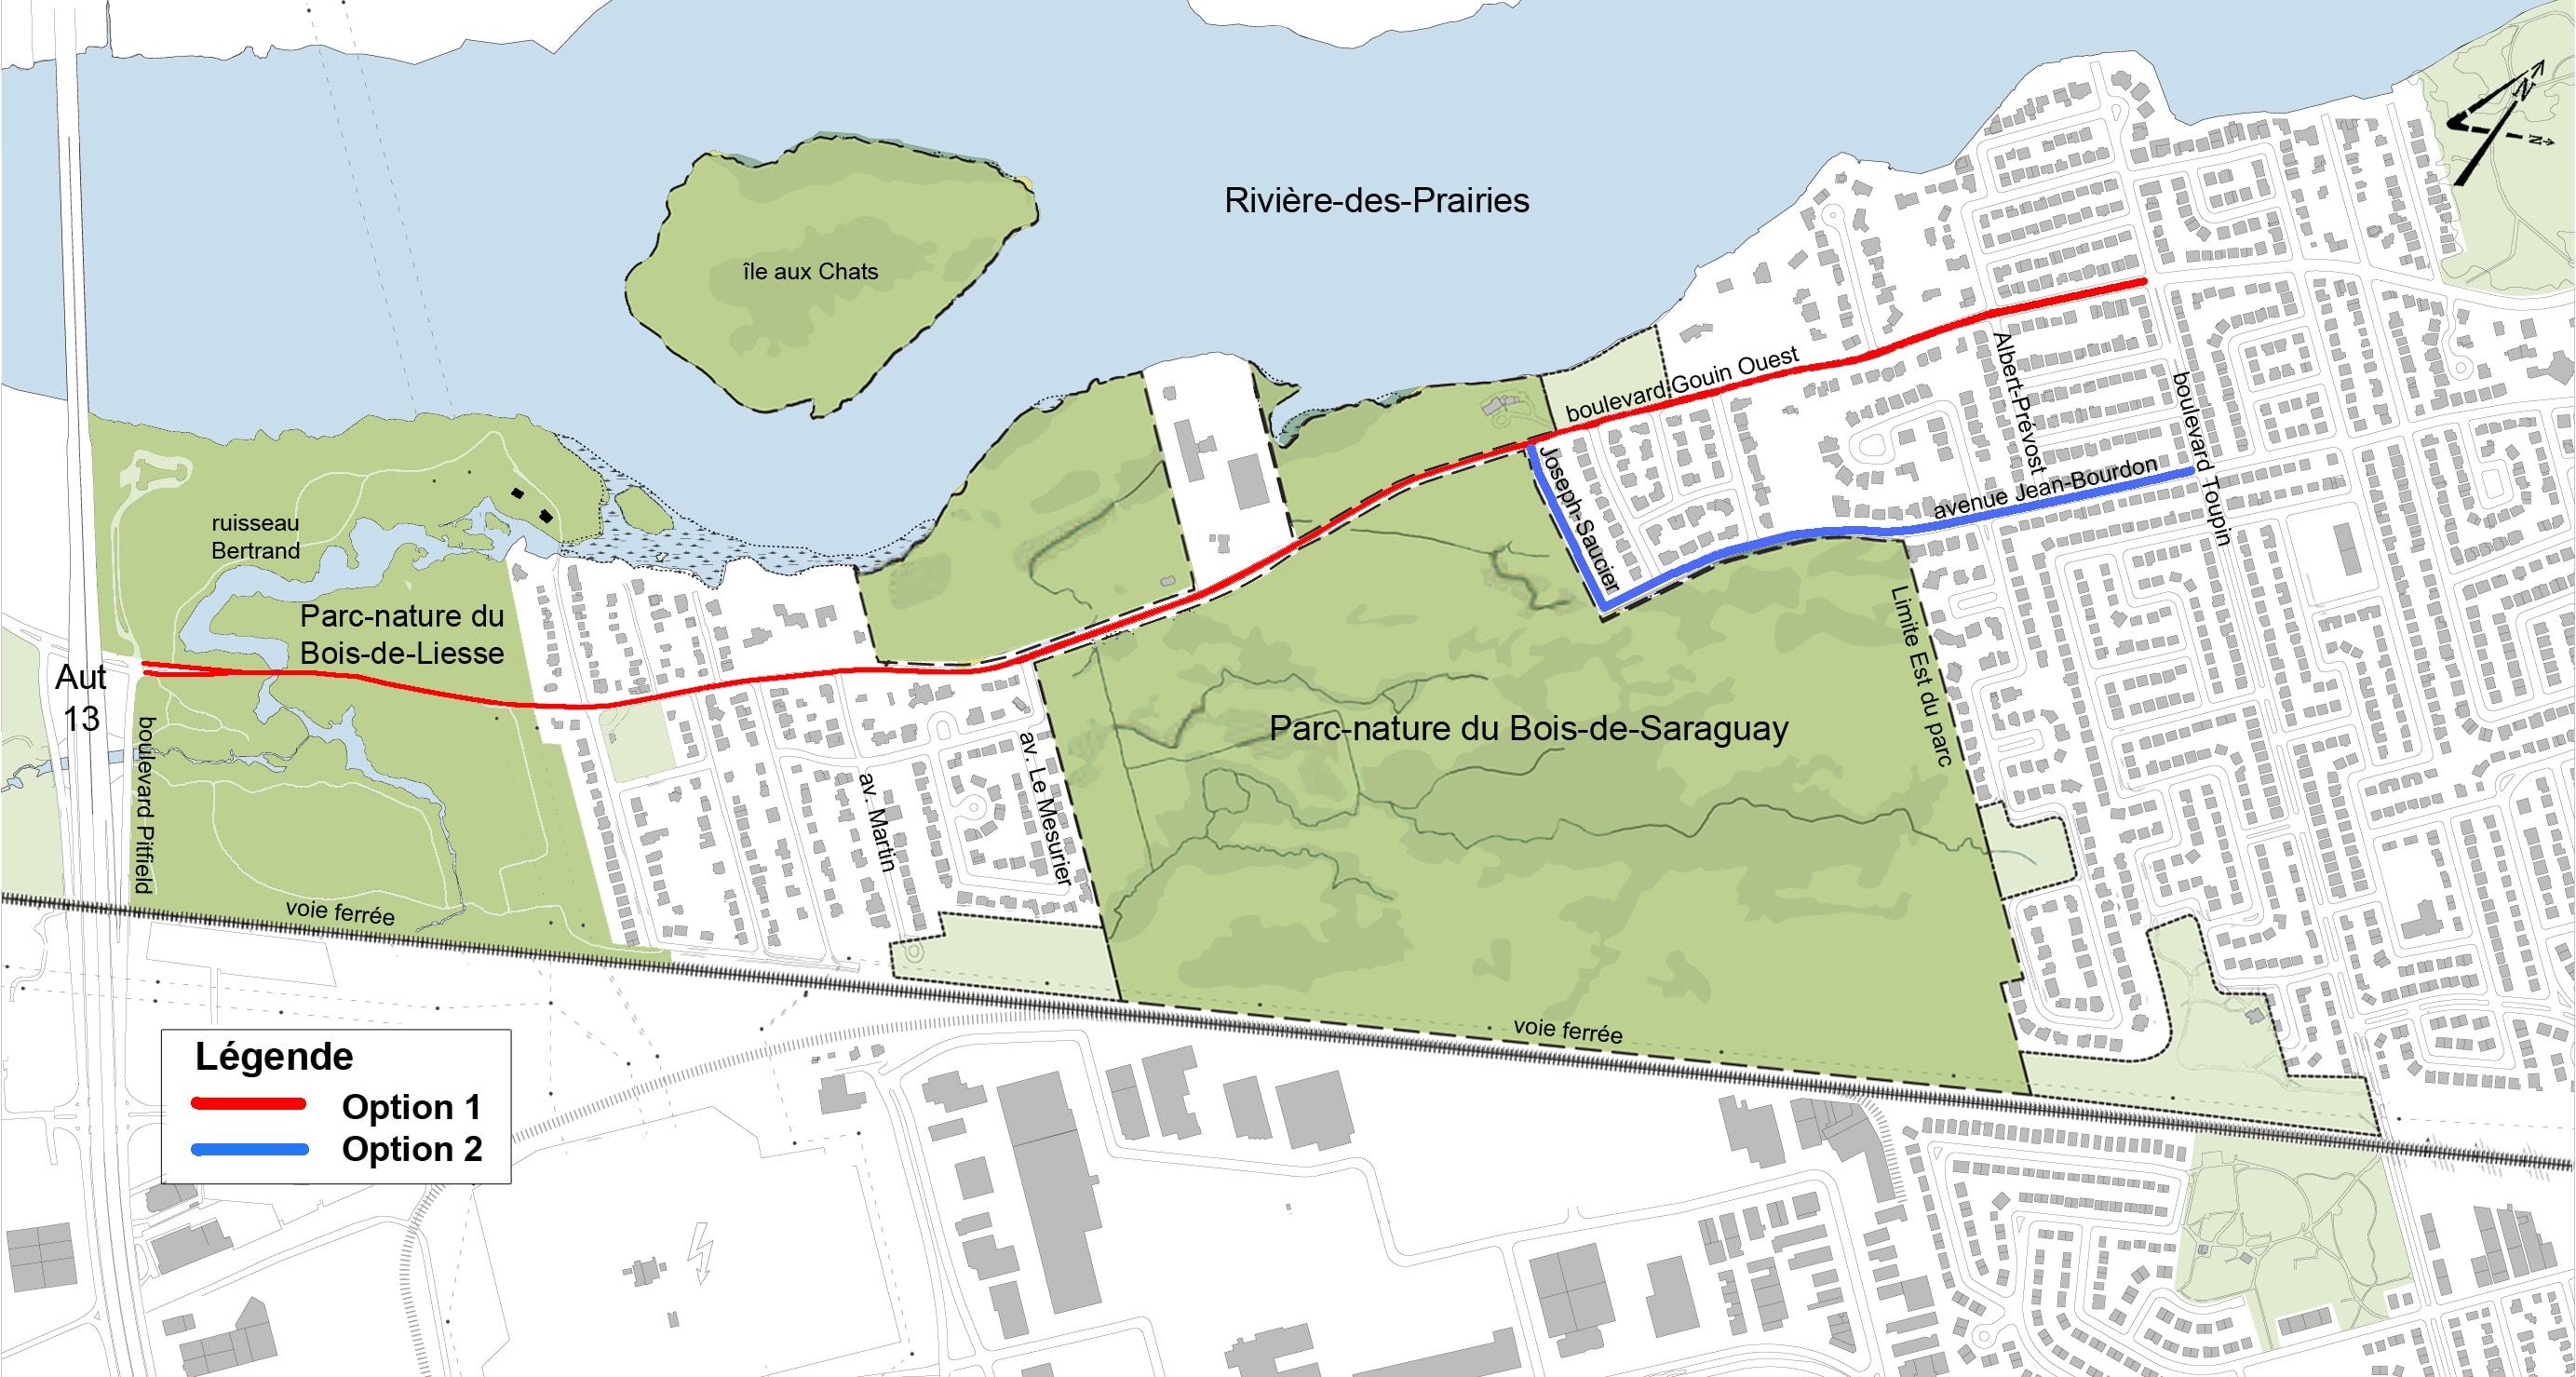 Les 2 options de réaménagement possibles pour le boulevard Gouin Ouest